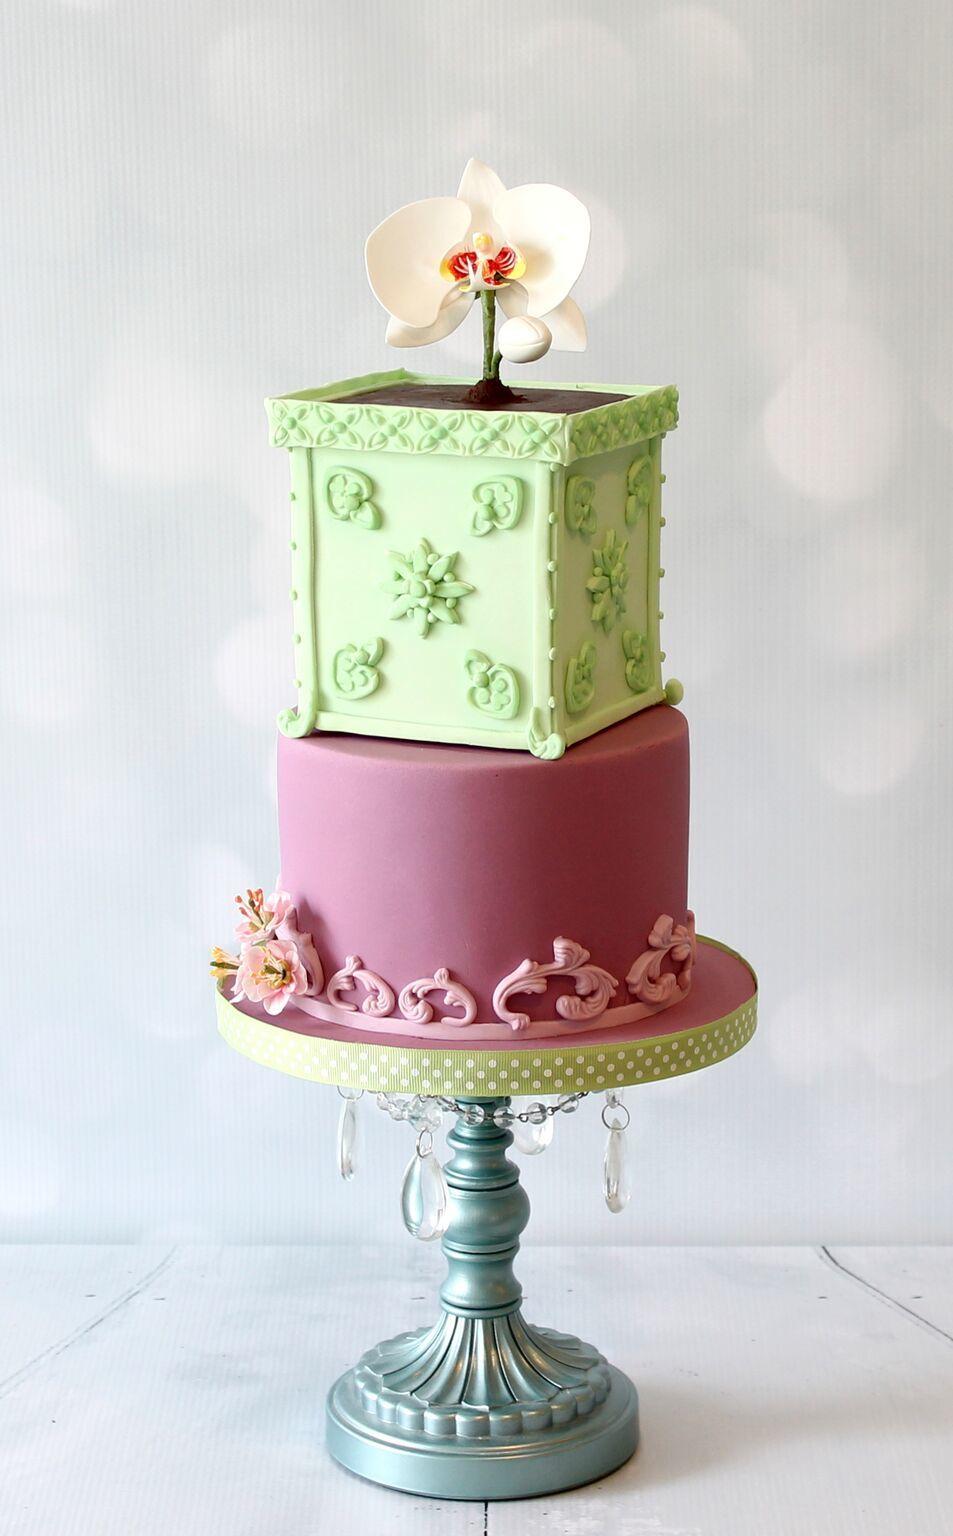 Violet-Tran-The-Violet-Cake-Shop-Seasonal-Celebration-Spring-1.jpeg#asset:11838